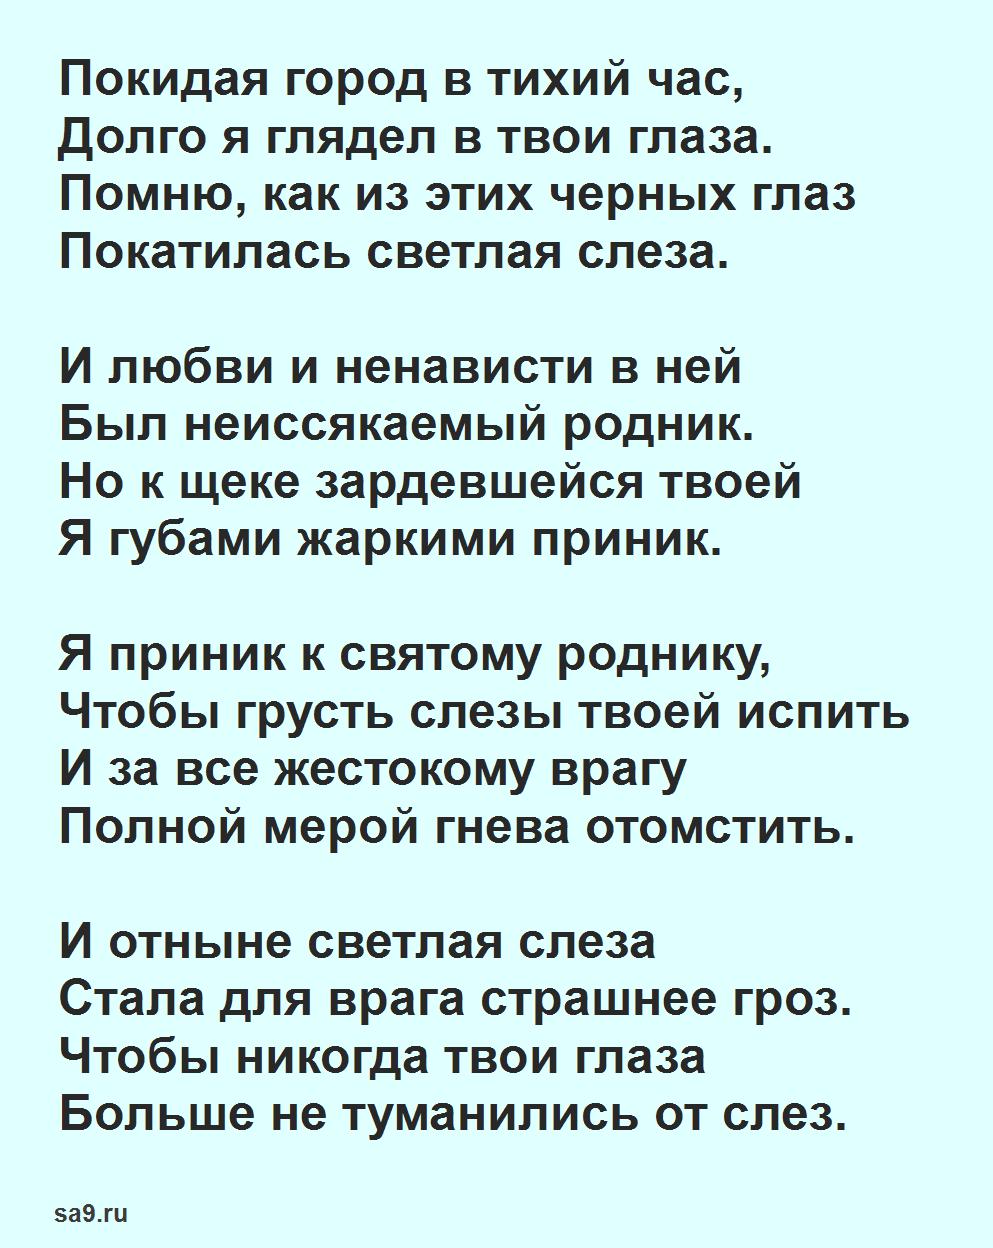 Муса Джалиль стихи на русском языке - Слеза, которые легко учатся